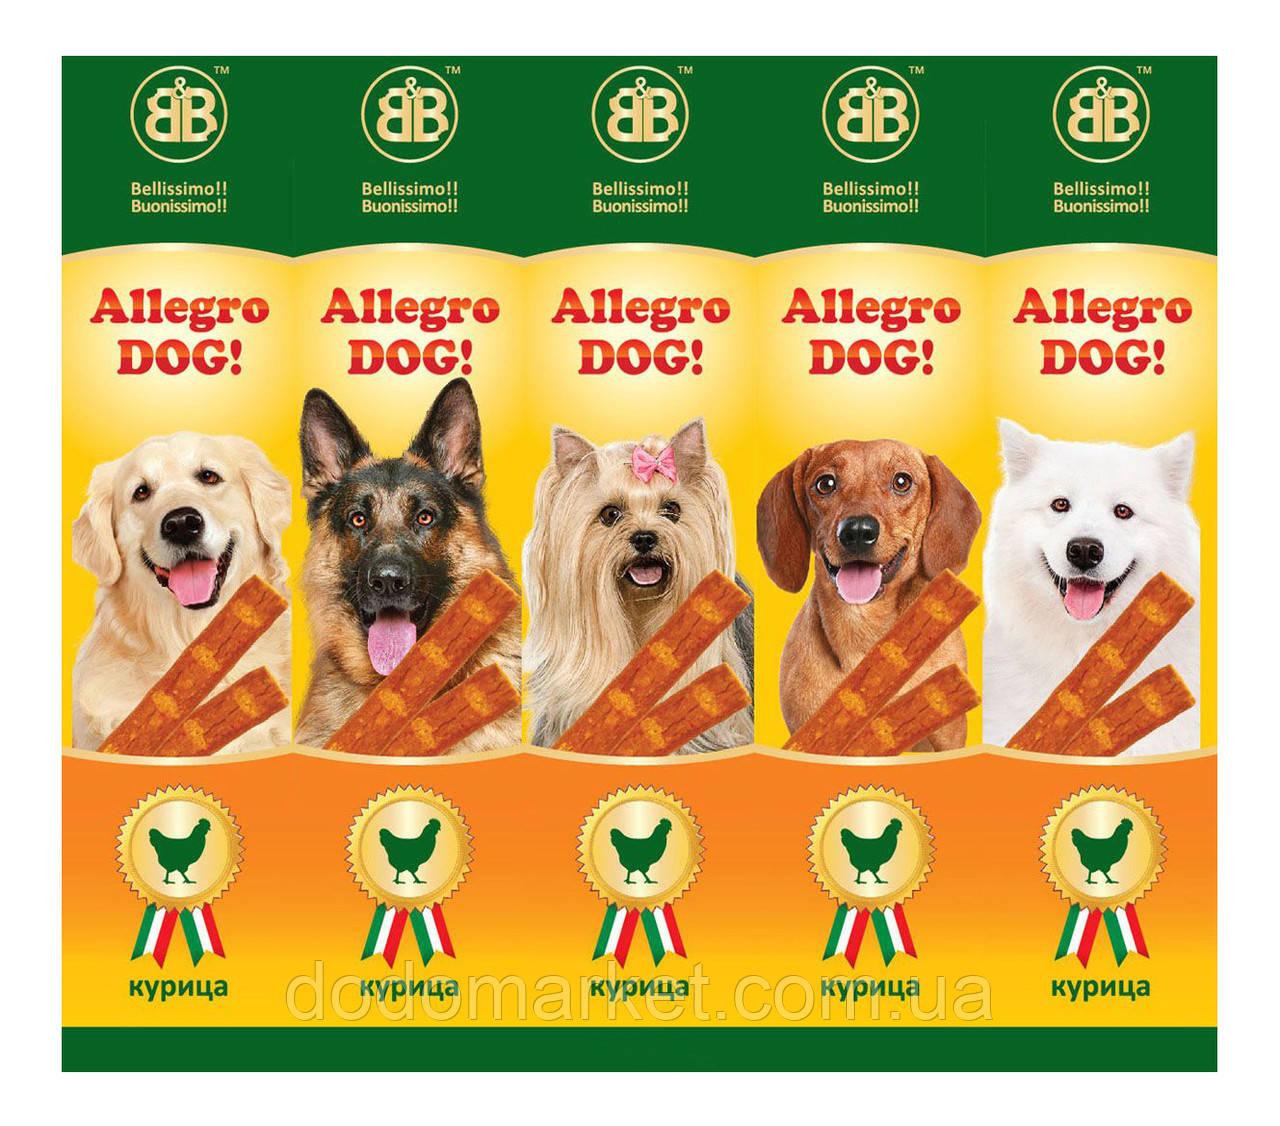 Мясные колбаски с курицей для собак Allegro Dog (Аллегро Дог) 5*10 гр